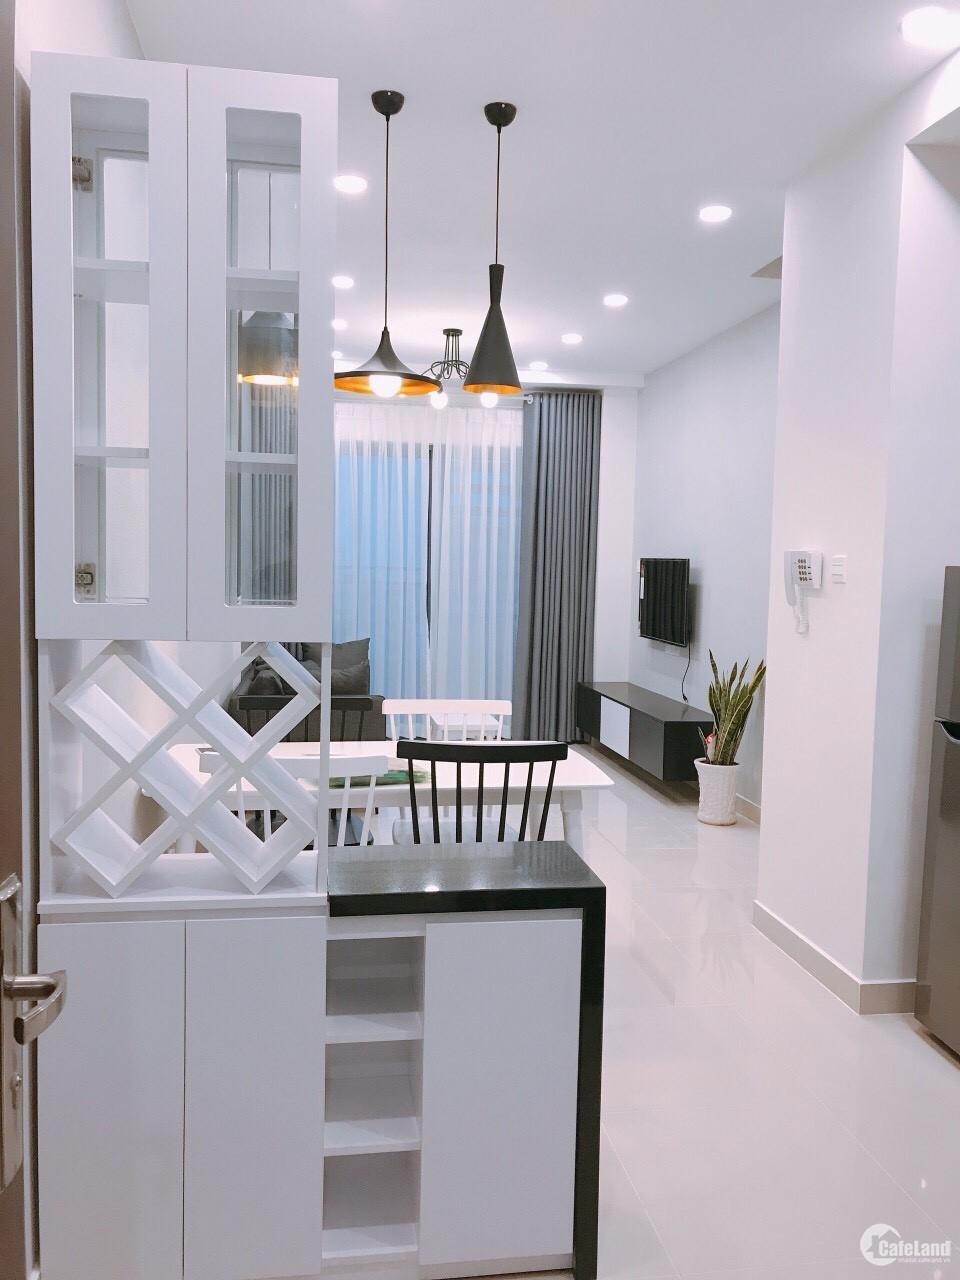 Cho thuê officetel Sài Gòn Royal Bến Vân Đồn, Quận 4, giá chỉ từ 11triệu/tháng